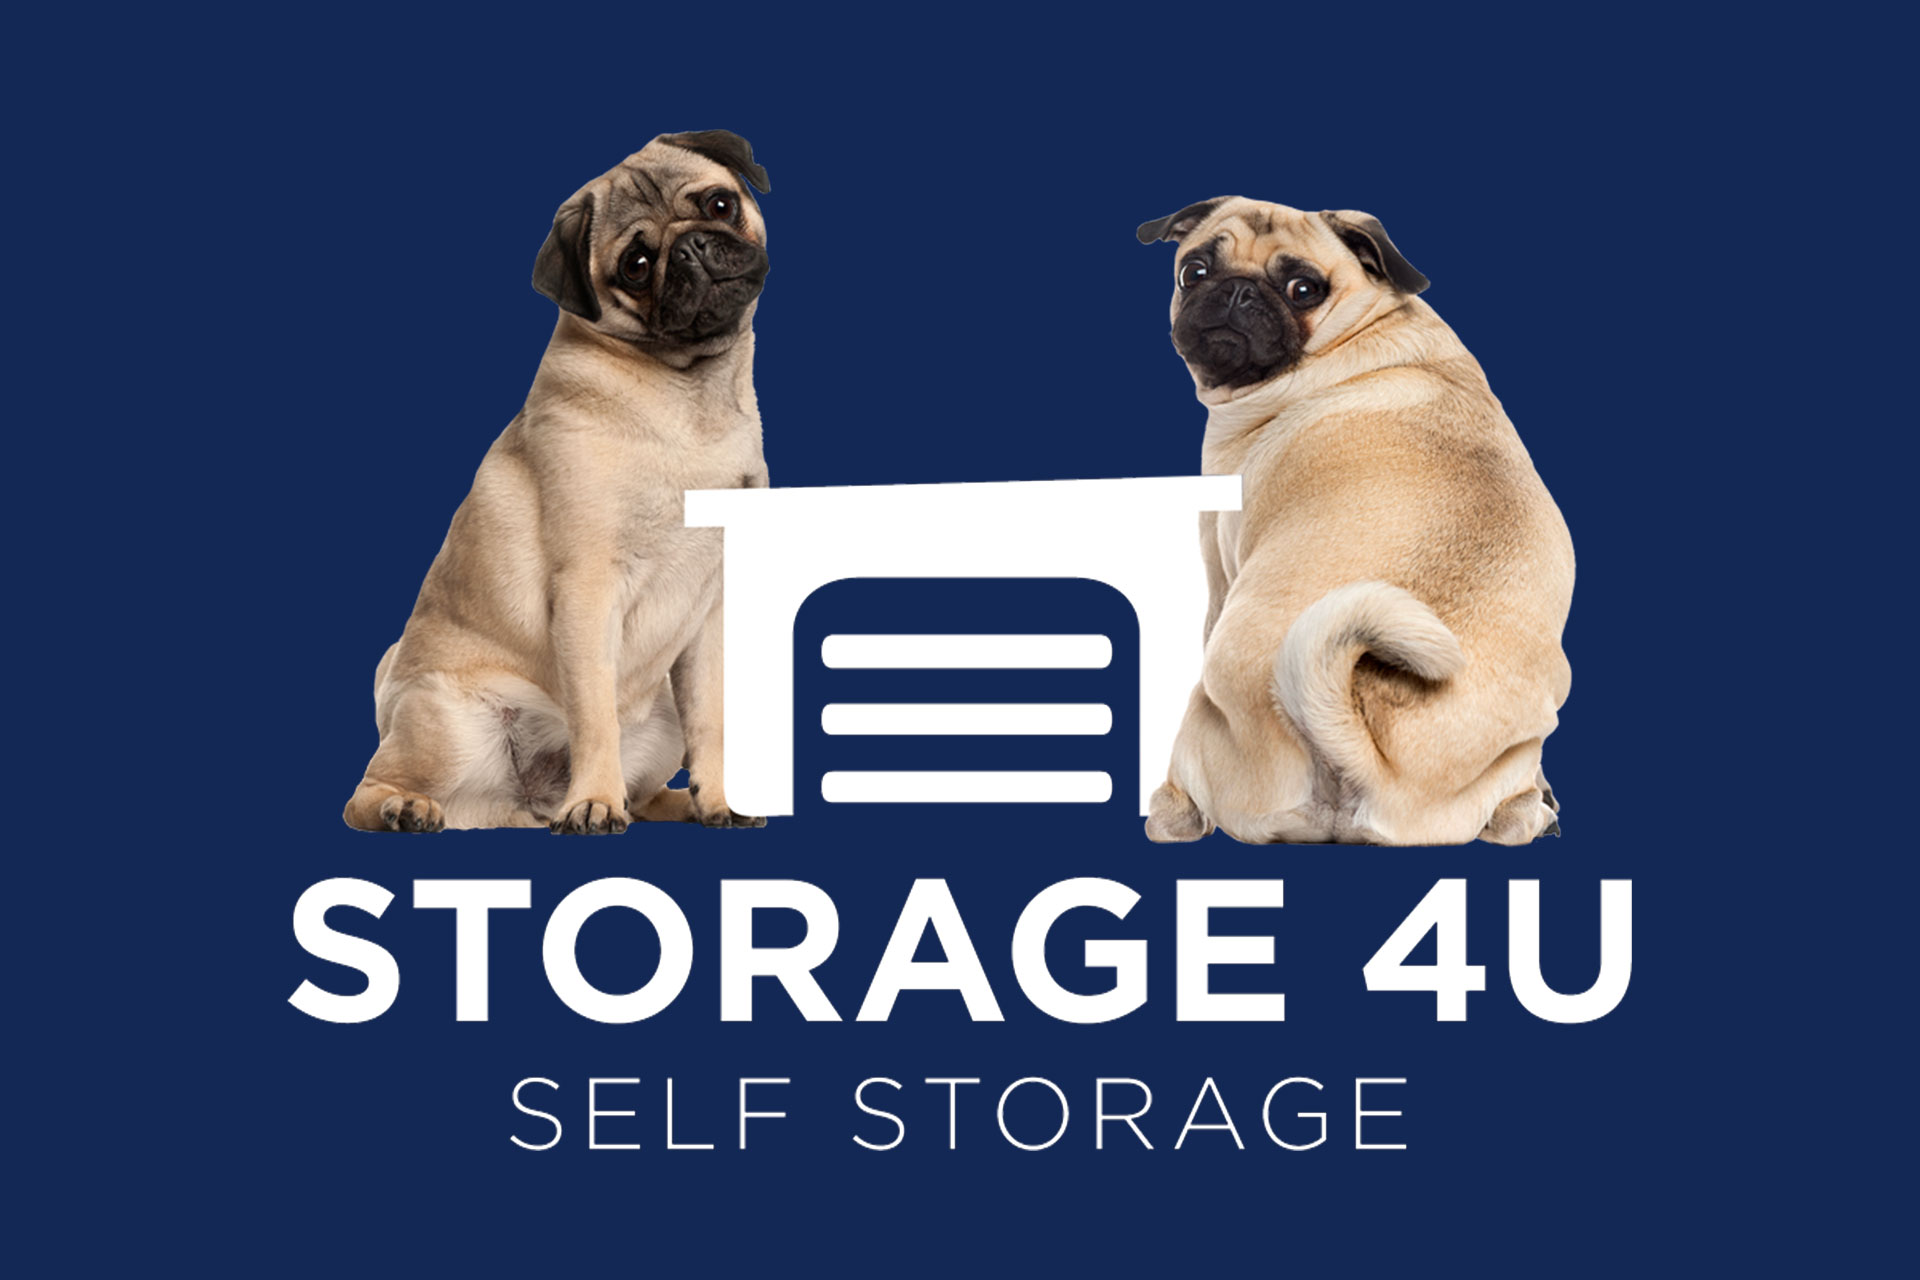 Storage 4U Self Storage logo with two friendly pugs